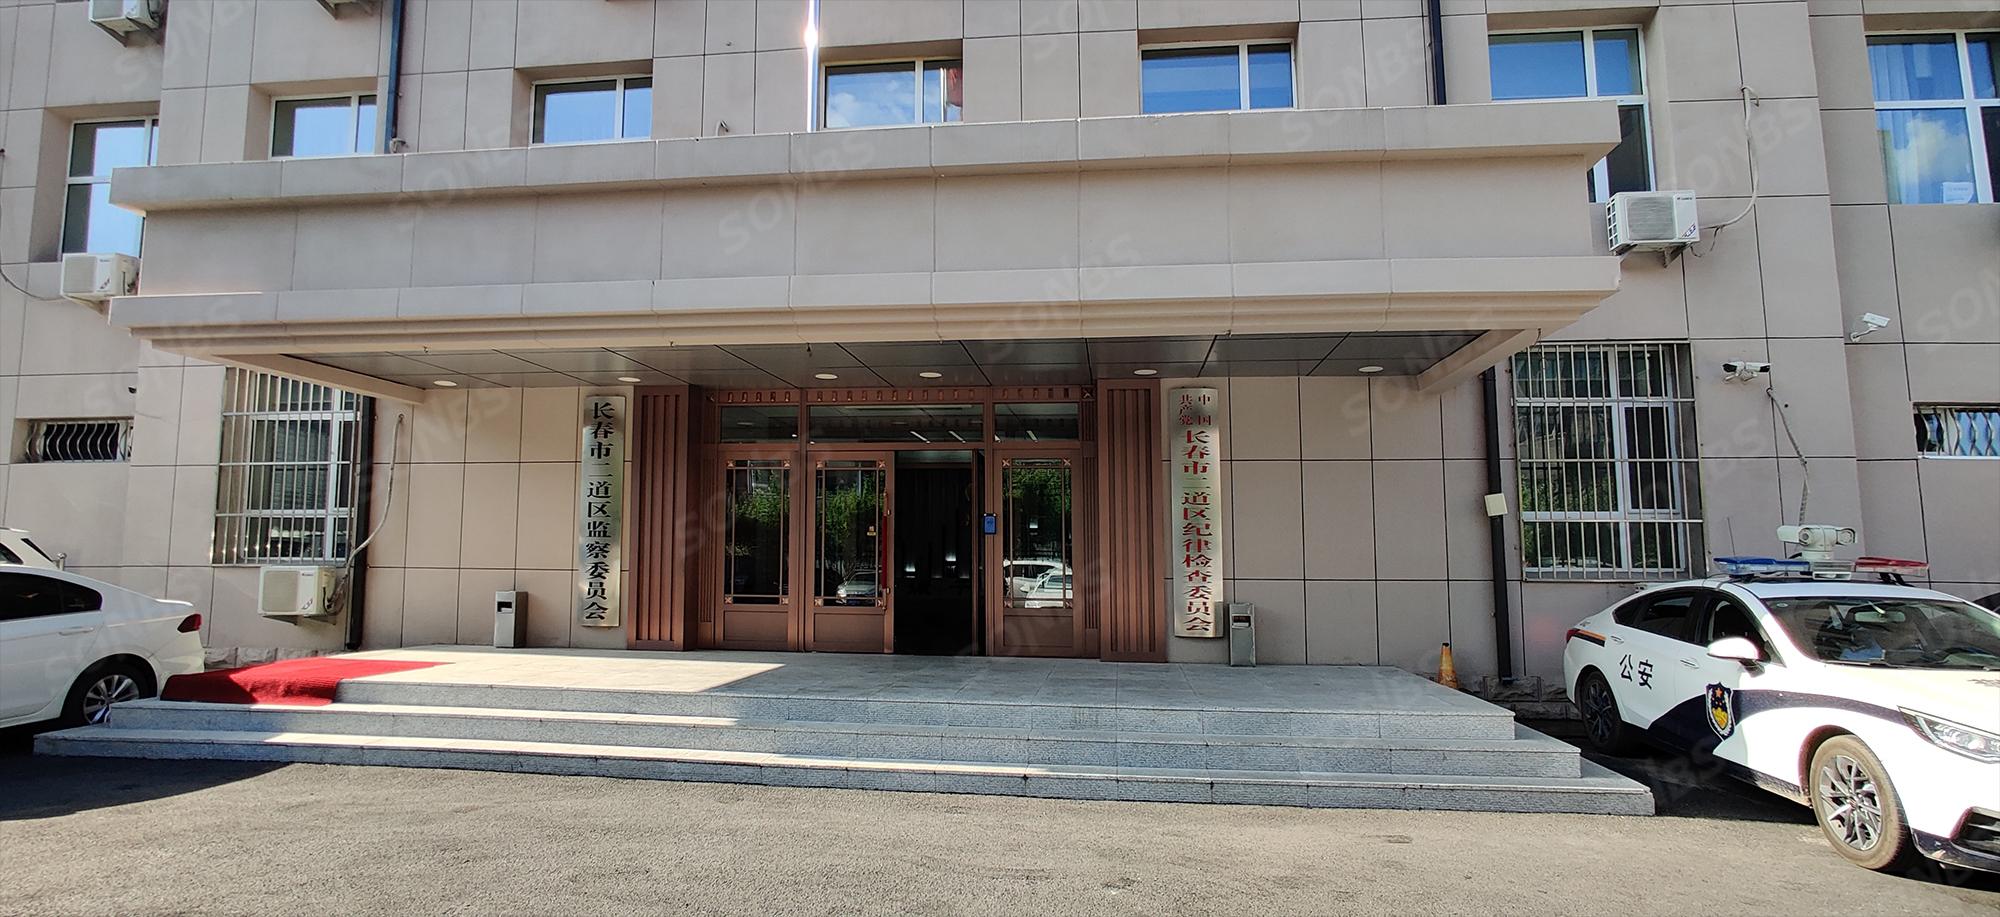 SONBS 智能交互式无纸化会议系统成功应用于长春市二道区纪律检查委员会